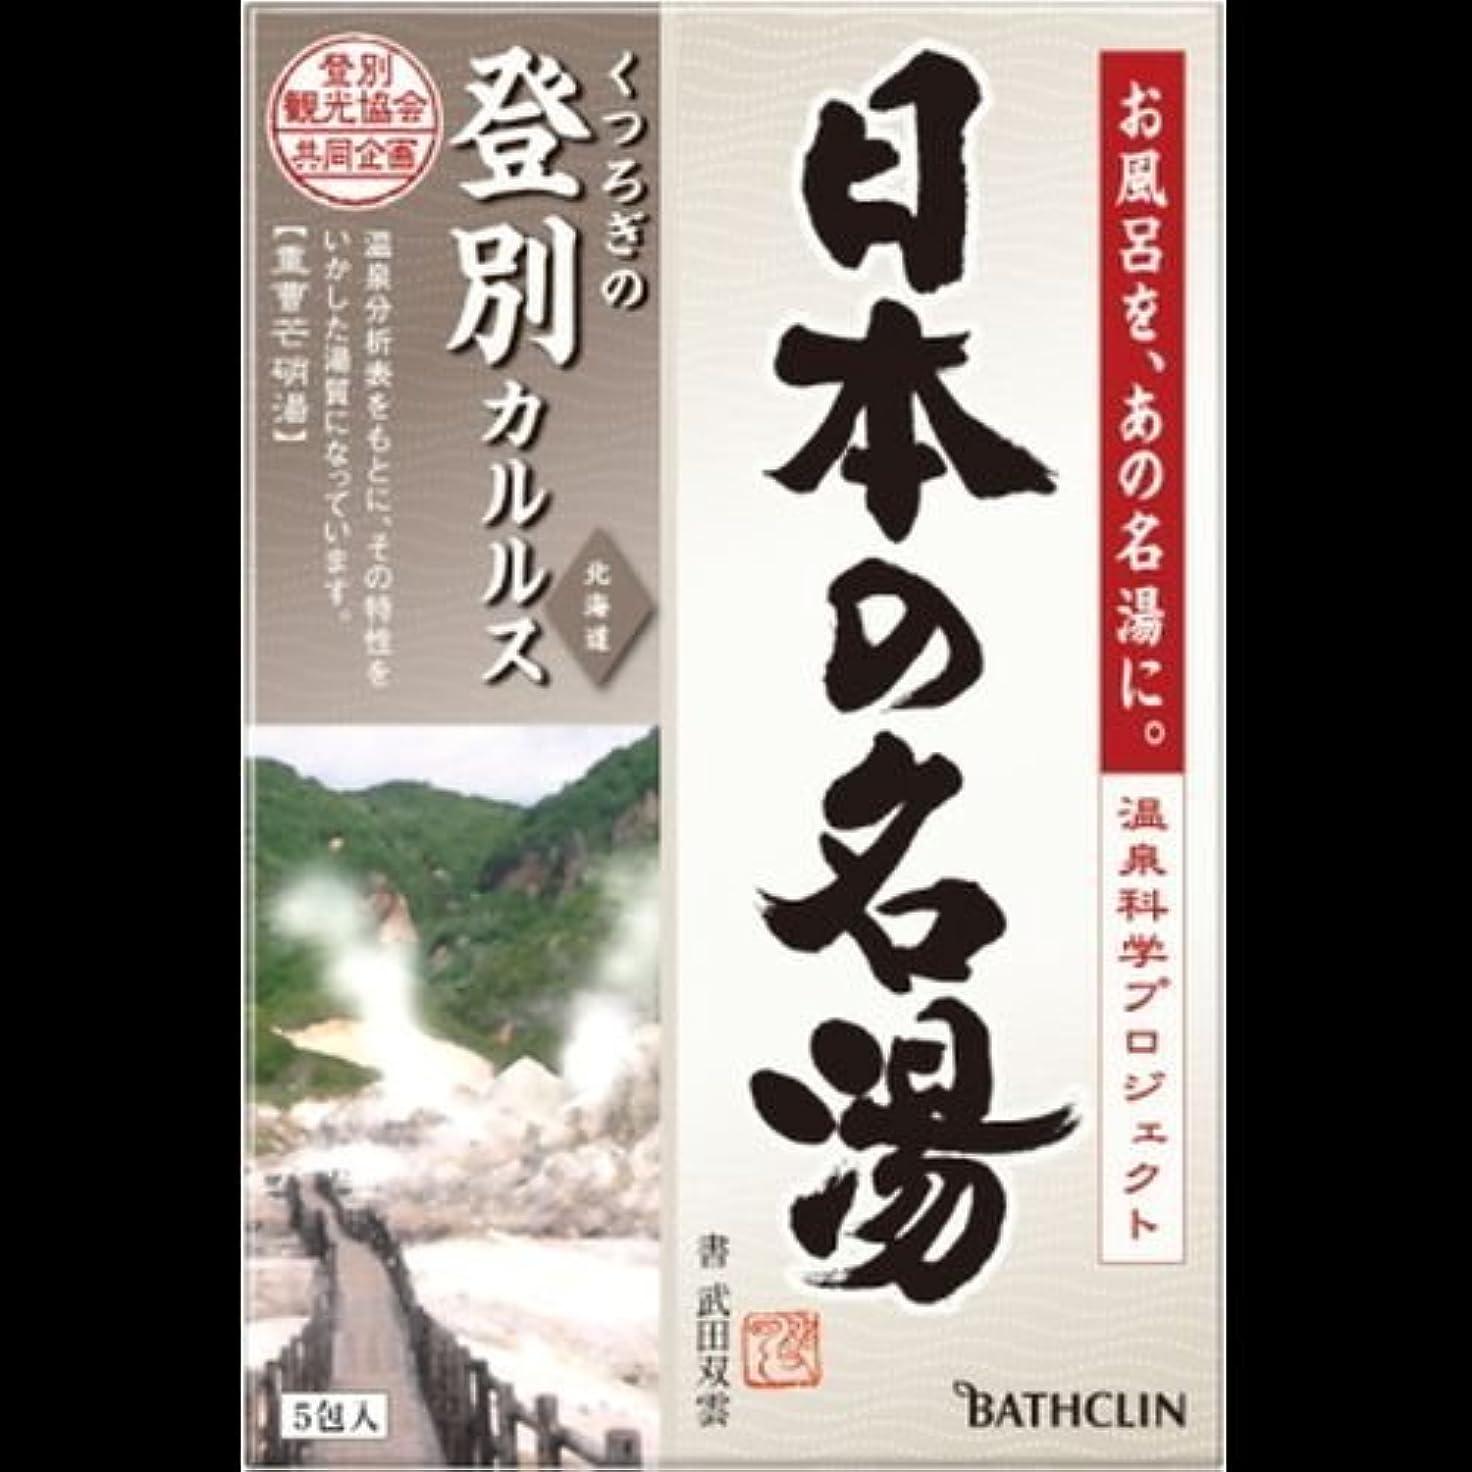 怒って処分したチェリー【まとめ買い】日本の名湯 登別カルルス 5包 ×2セット